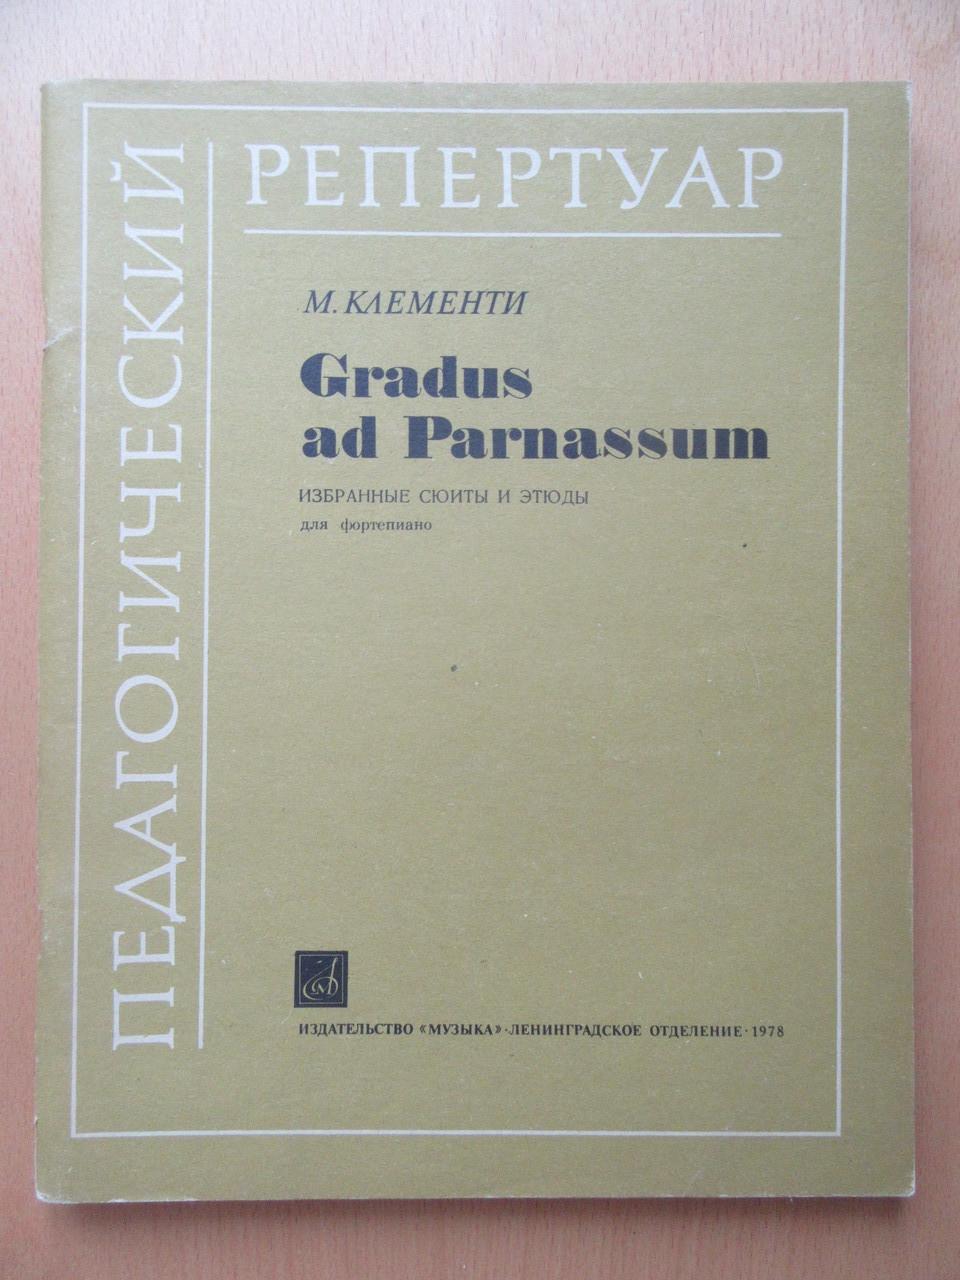 Муцио Клементи. Gradus ad Parnassum. Избранные сюиты и этюды